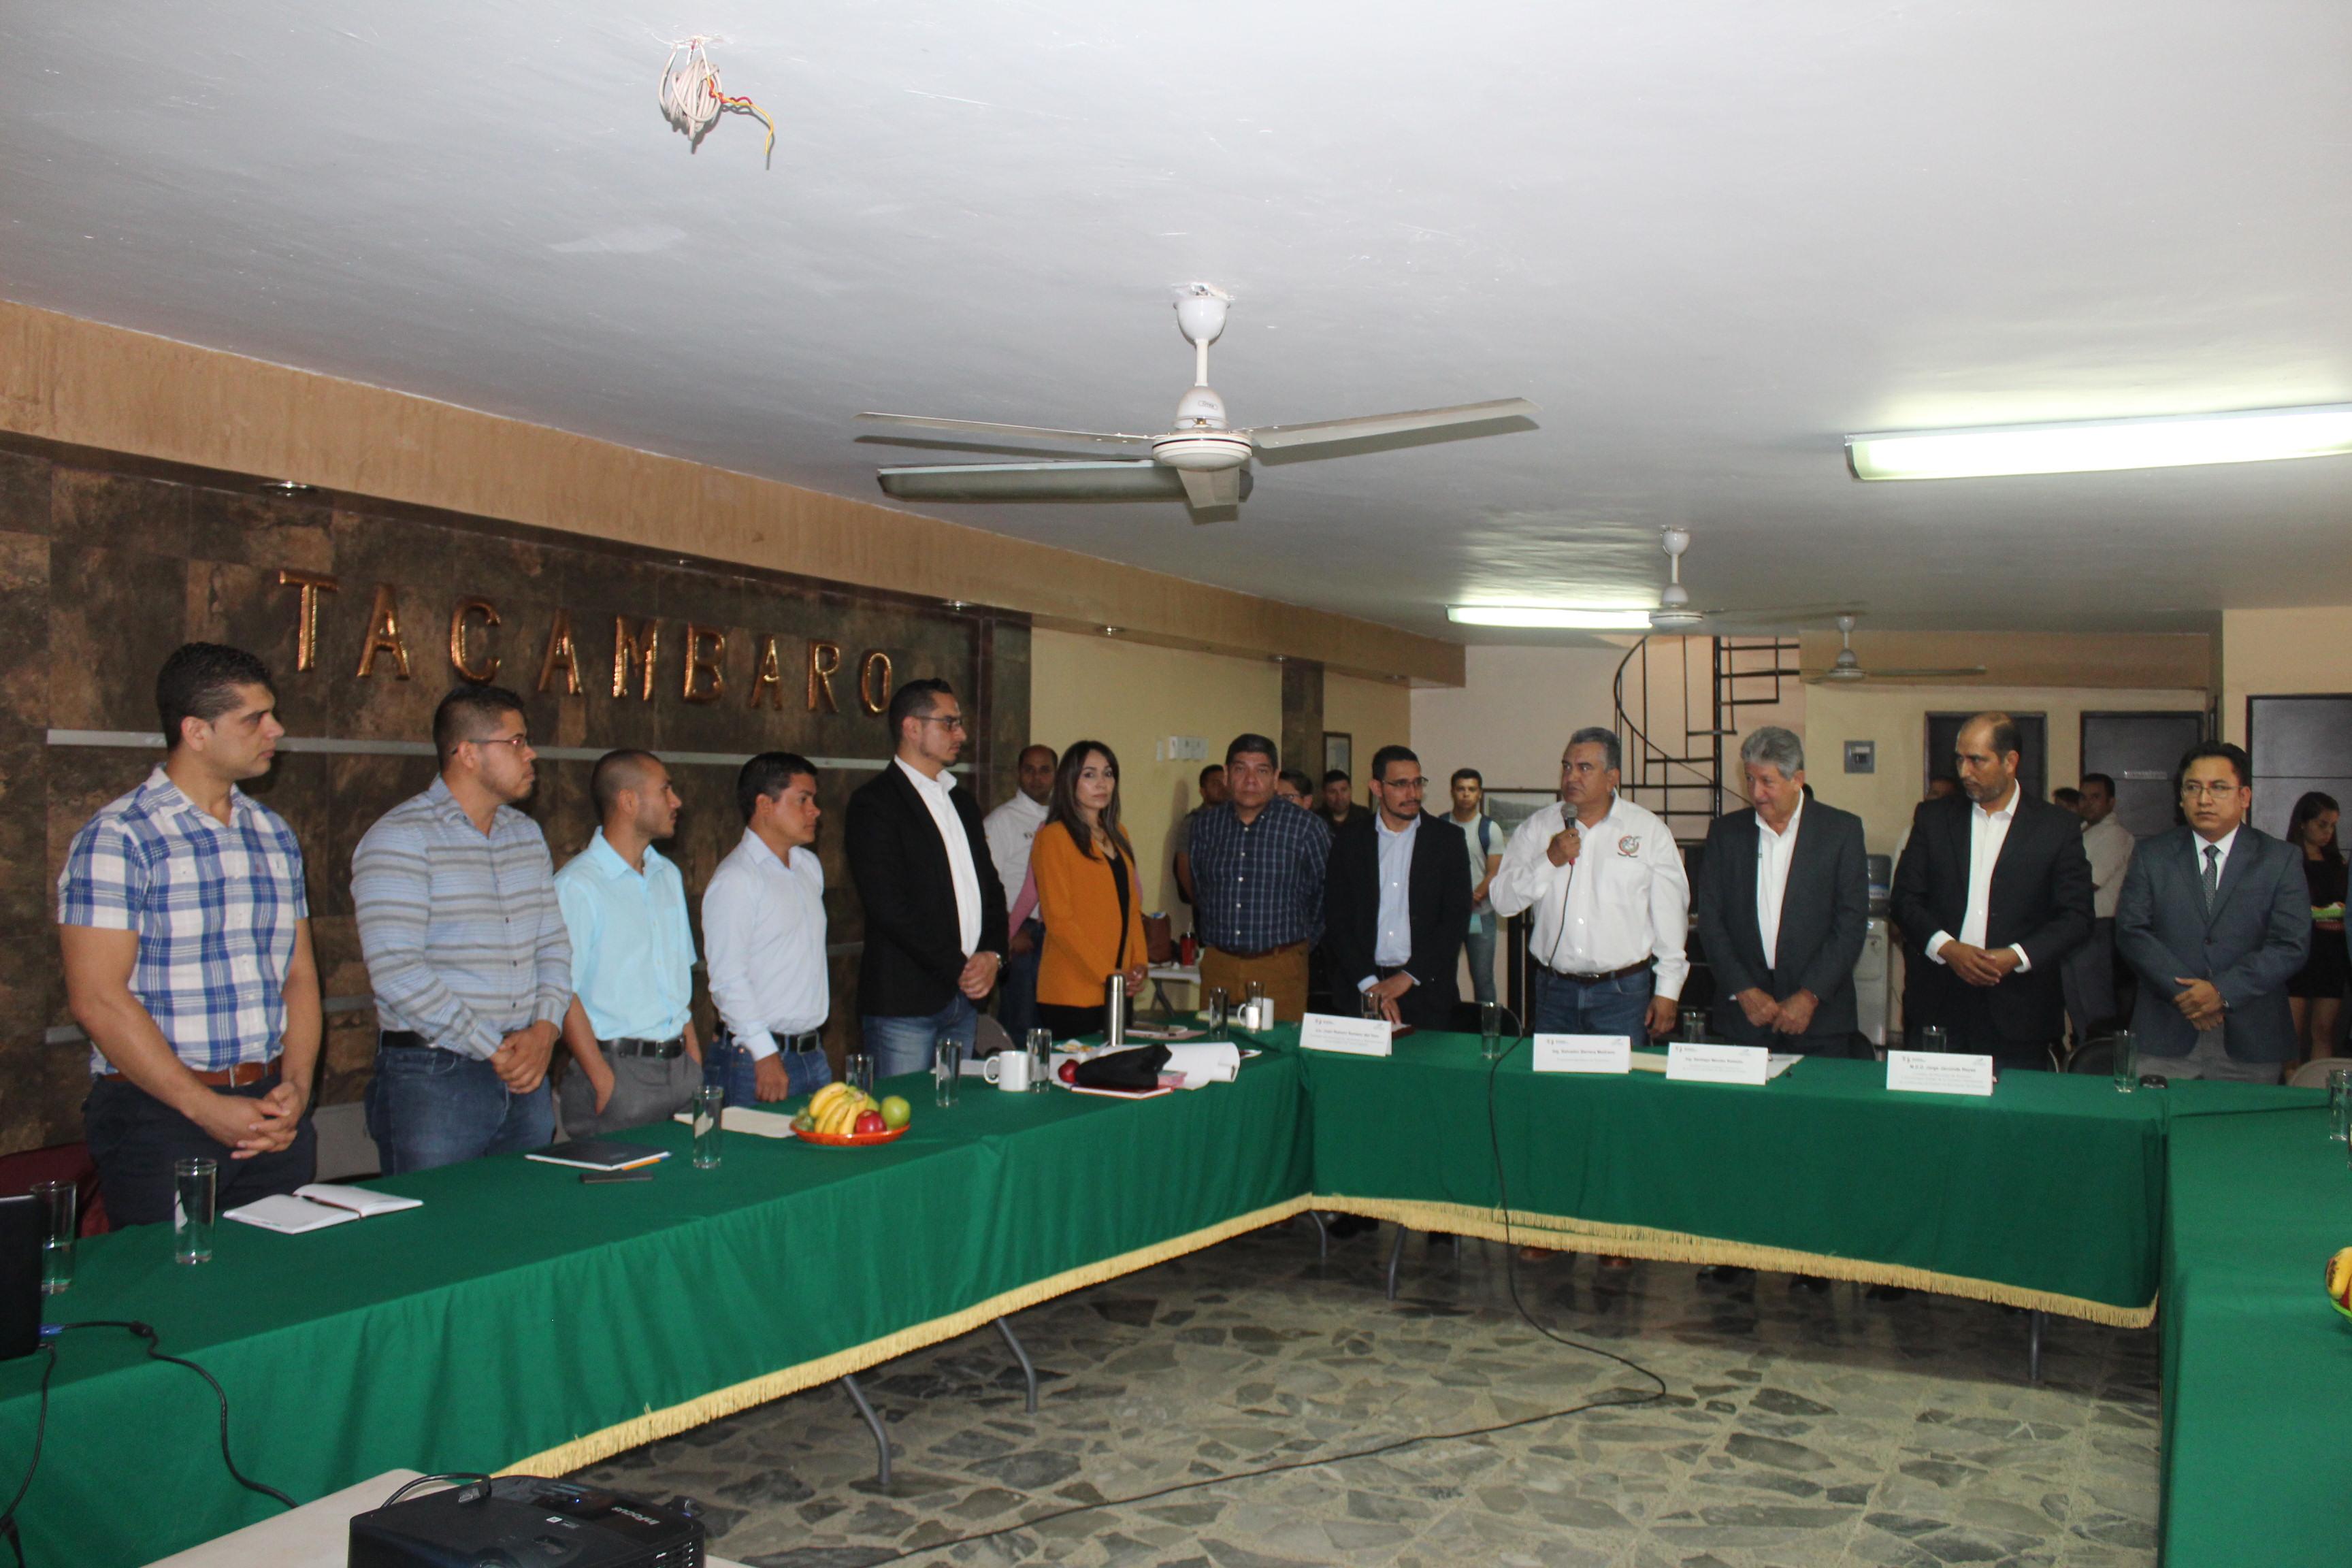 Salvador Barrera pone en marcha Reunión de Contralores, Región VIII Tierra Caliente.